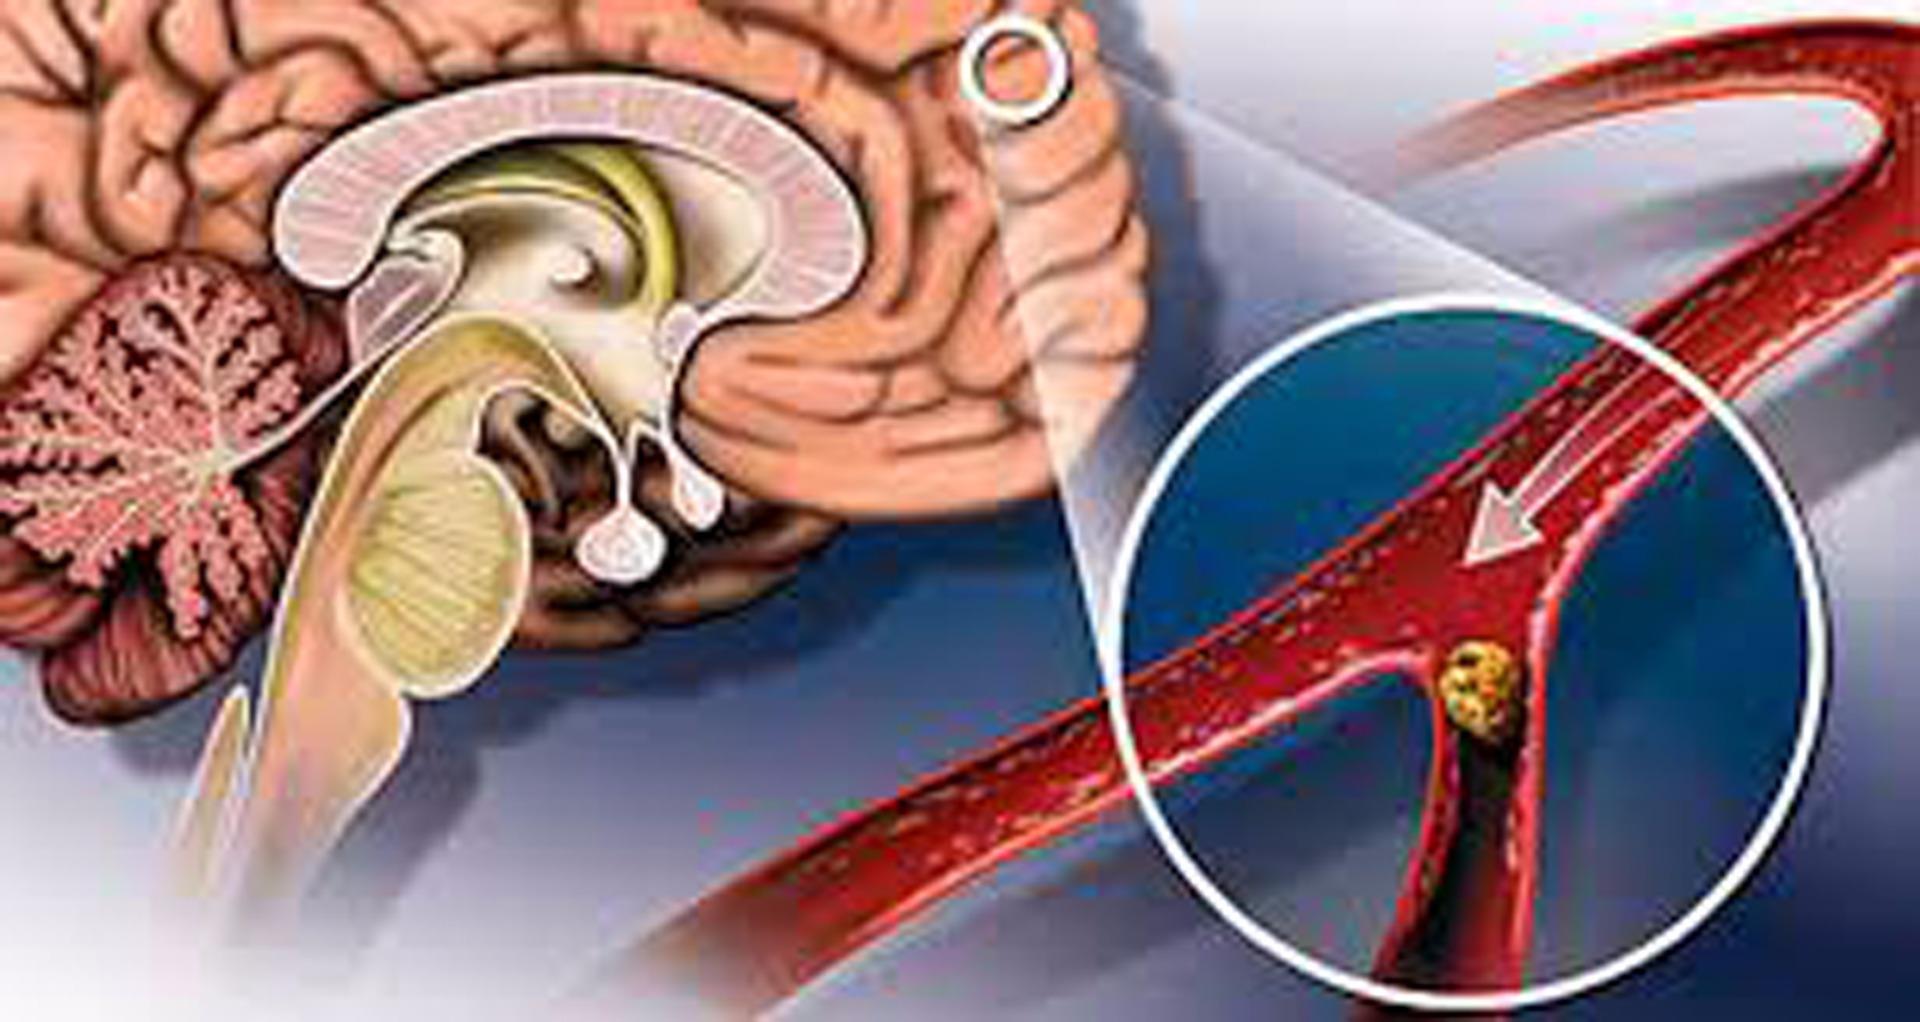 Нарушение мозгового кровообращения: симптомы и лечение